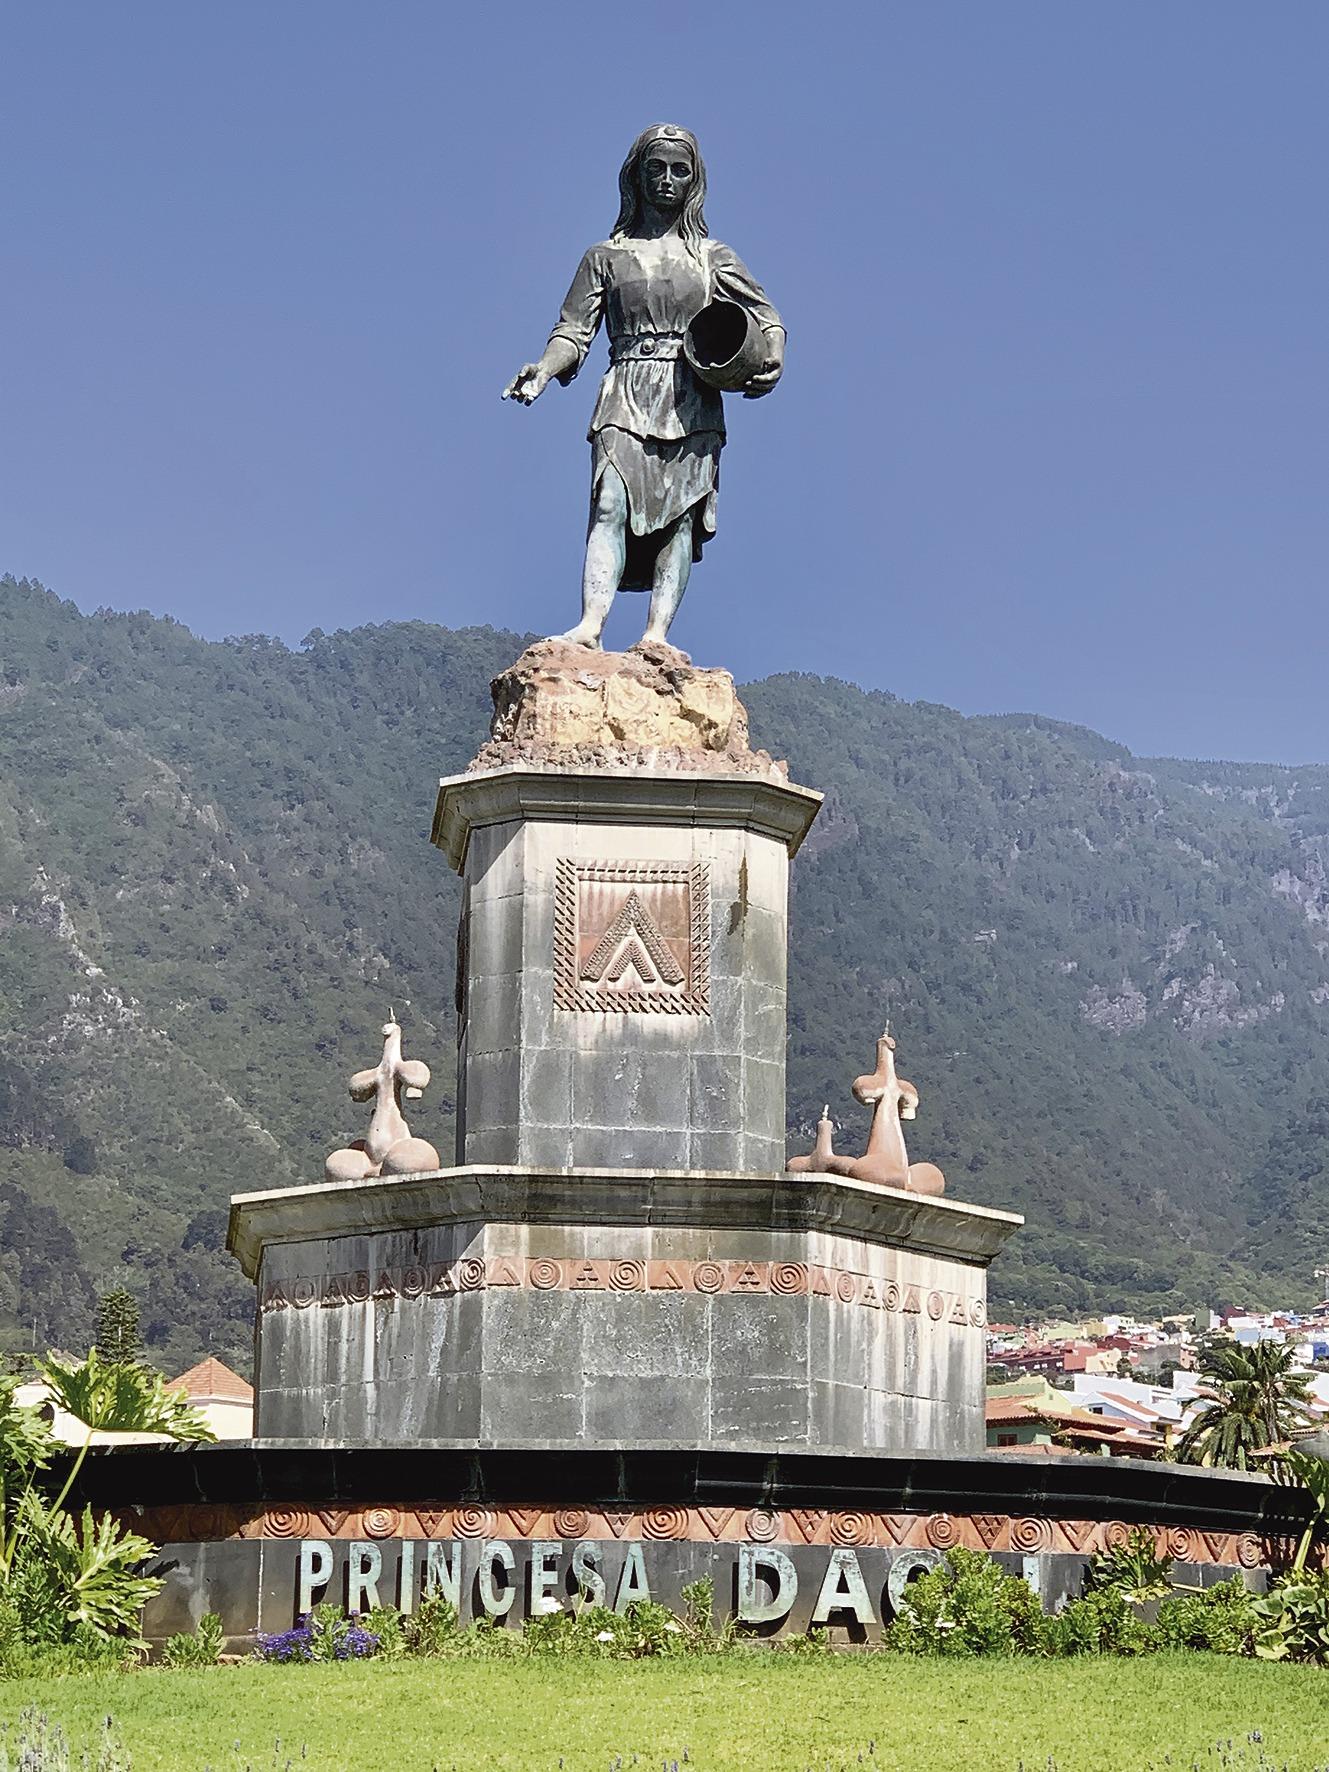 Mädchen, die Dácil heißen, sind nach einer Guanchen-Prinzessin benannt. Ihr ist auch der Brunnen an der Ortszufahrt zu La Orotava gewidmet. Dácil war eine Tochter von König Bencomo. Foto: wb